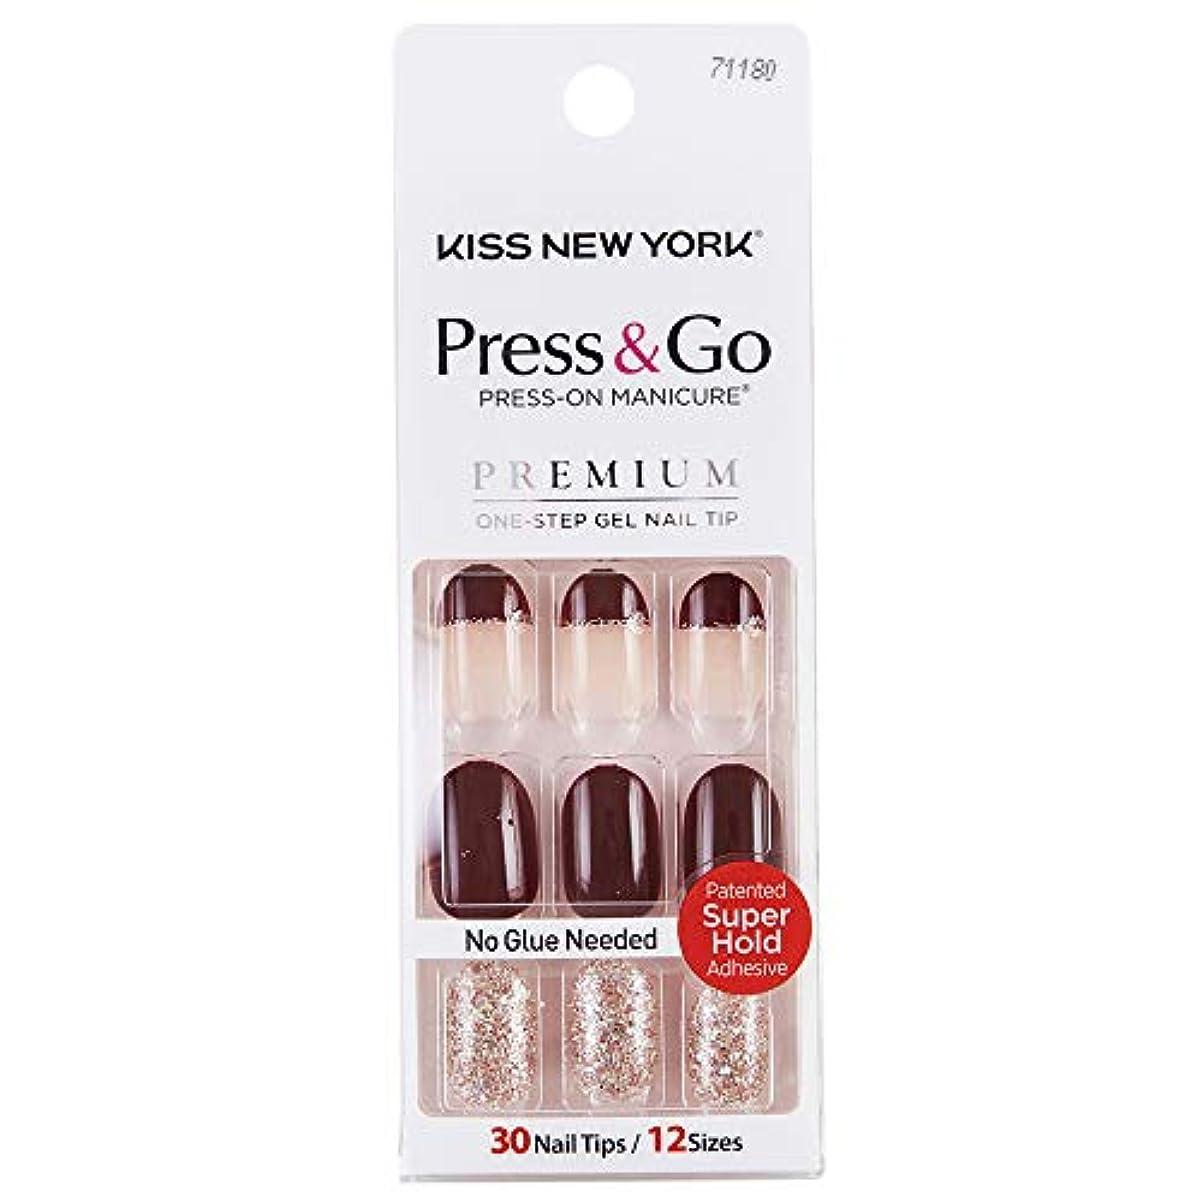 突然のモス病キスニューヨーク (KISS NEW YORK) KISS NEWYORK ネイルチップPress&Go BHJ29J 19g